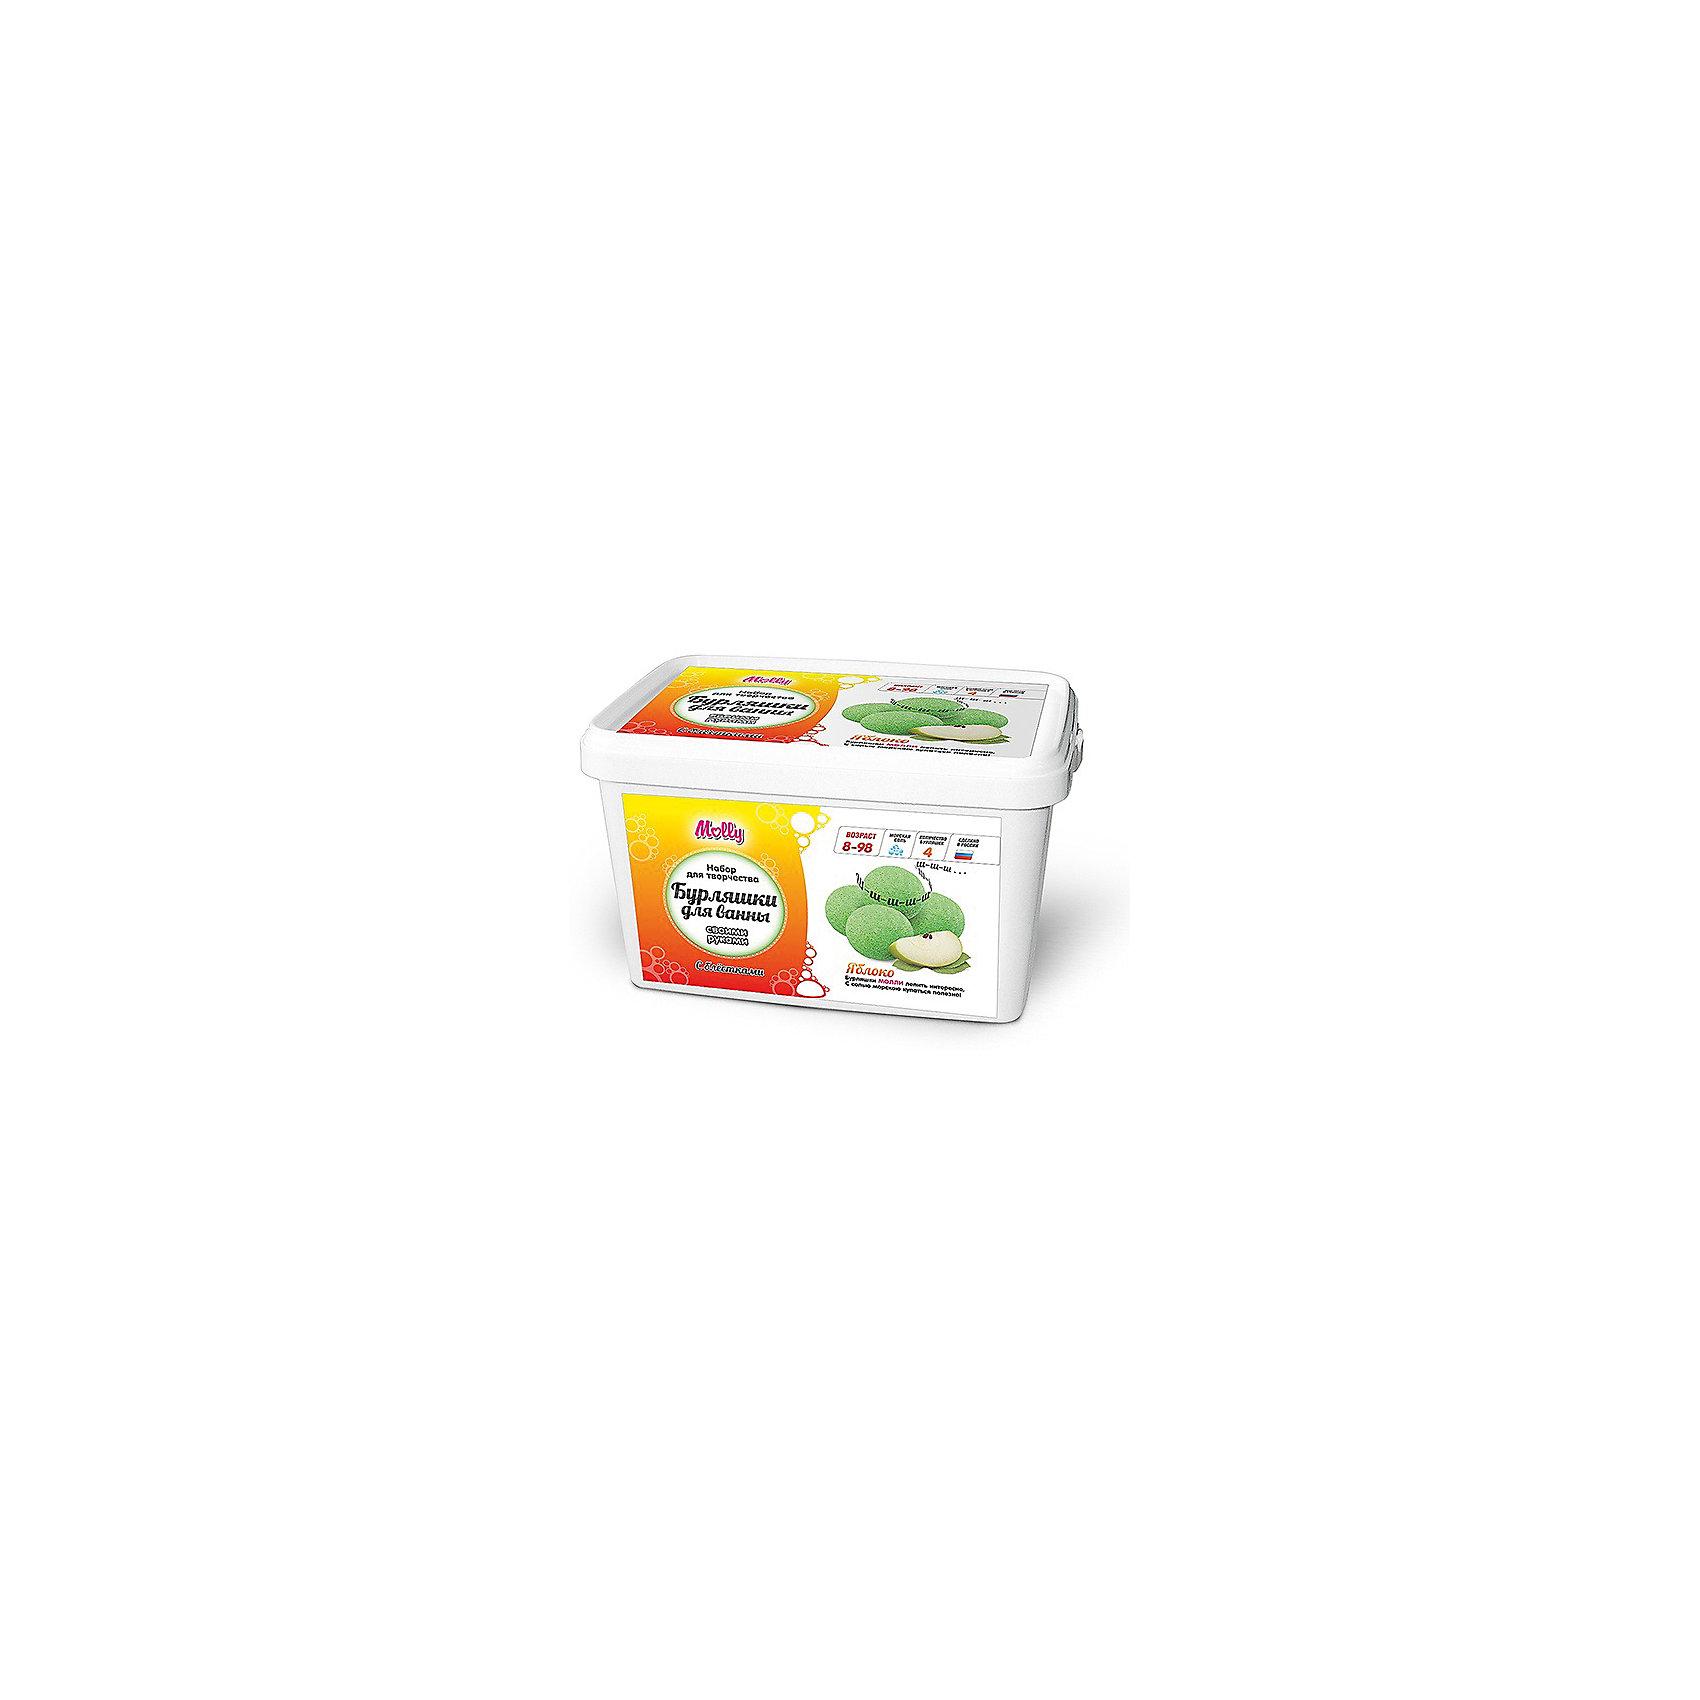 Бурляшки для ванны своими руками ЯблокоНаборы детской косметики<br>Бурляшки для ванны своими руками Яблоко<br><br>Характеристики:<br><br>• В набор входит: сода, соль морская, блёстки, лимонная кислота, краситель, ароматизатор, формочки, защитные перчатки, инструкция.<br>• Размер упаковки: 20 * 11,5 * 13 см.<br>• Время приготовления: 30 минут + 24 часа просушка<br>• Вес: 500 г.<br>• Для детей в возрасте: от 8 лет<br>• Страна производитель: Россия<br><br>В набор входит пакетик с блёстками, чтобы ваши бурляшки были еще более яркими и необычными. В состав включены безопасные и натуральные компоненты. Набор создан с учетом современных новинок и заинтересует каждую девочку. Самодельная бурляшка от Molly (Молли) обильно шипит и выпускает больше пузырей, чем стандартная покупная шипучая соль, а всё потому, что она была сделана с меньшим количеством консервантов и с любовью. Занимаясь с этим творческим набором дети разовьют новый навык, стимулируют свои творческие способности, расширят кругозор, смогут развить навыки терпения, аккуратности.<br><br>Бурляшки для ванны своими руками Яблоко можно купить в нашем интернет-магазине.<br><br>Ширина мм: 200<br>Глубина мм: 130<br>Высота мм: 115<br>Вес г: 500<br>Возраст от месяцев: 96<br>Возраст до месяцев: 168<br>Пол: Унисекс<br>Возраст: Детский<br>SKU: 5417718